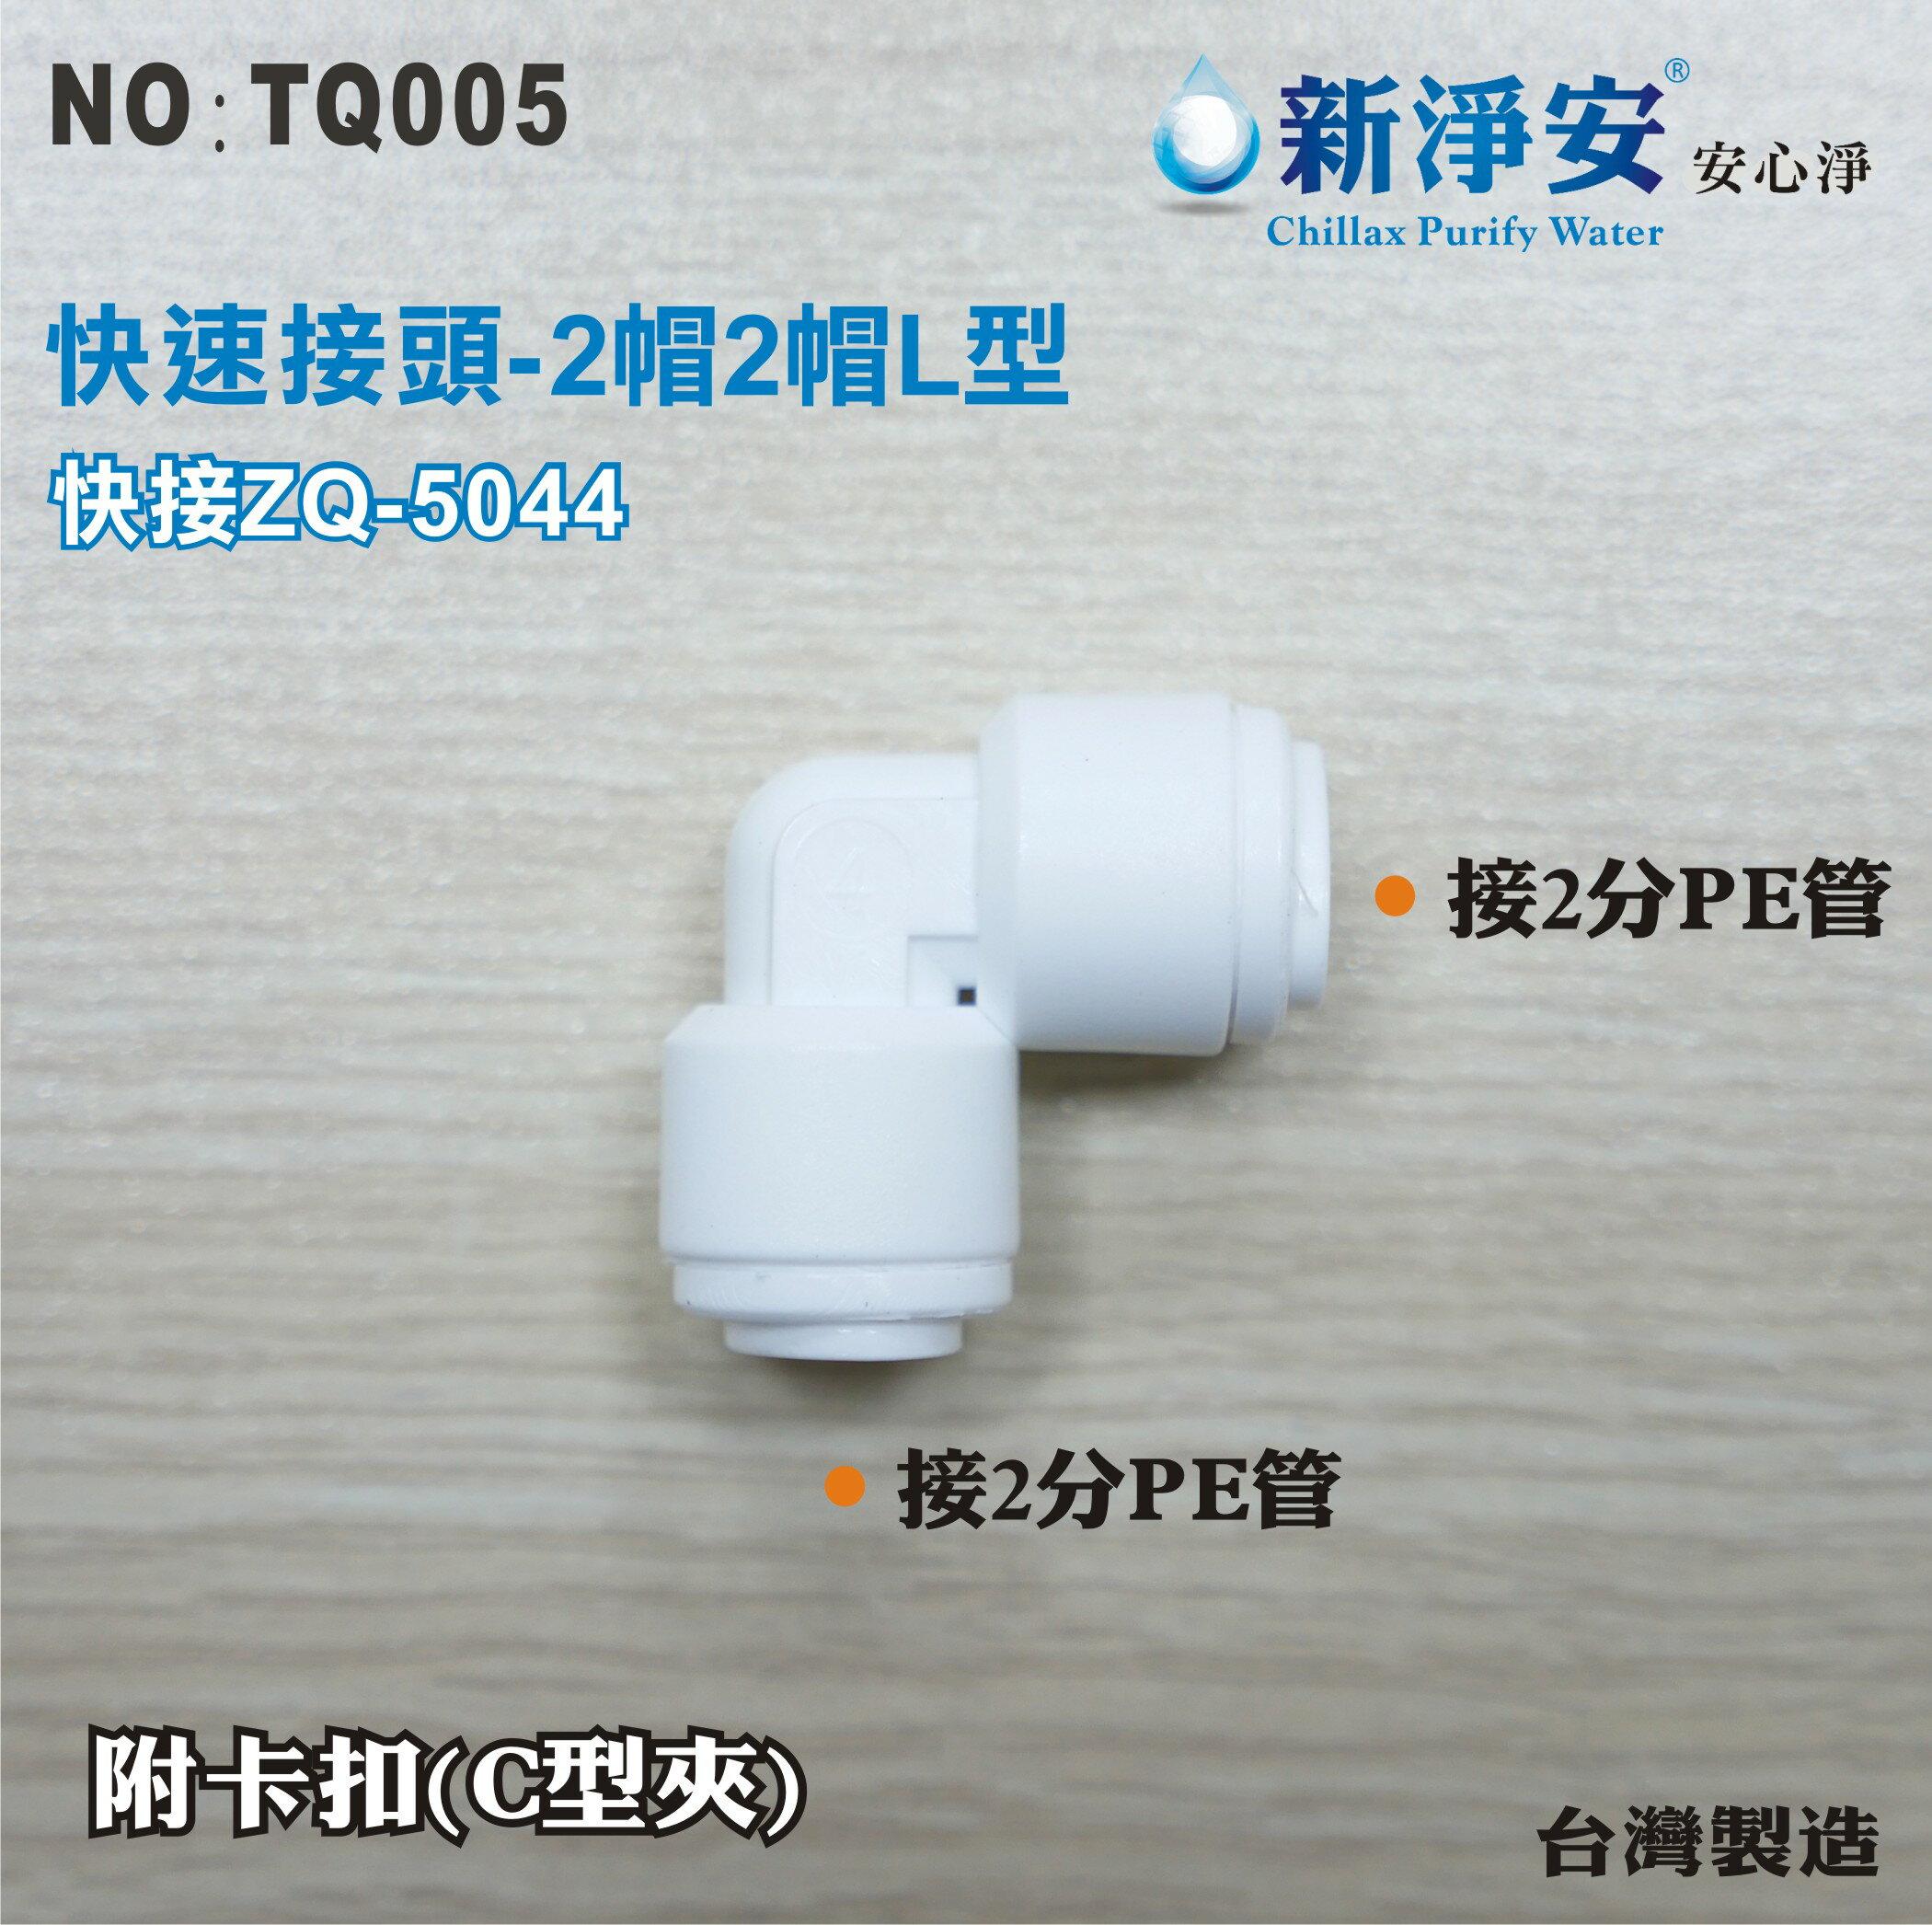 ◆開店慶衝評價◆【新裕淨水】ZQ-5044 塑膠快速接頭 2分管接2分管L型接頭 2帽2帽L型 淨水器用(TQ005)